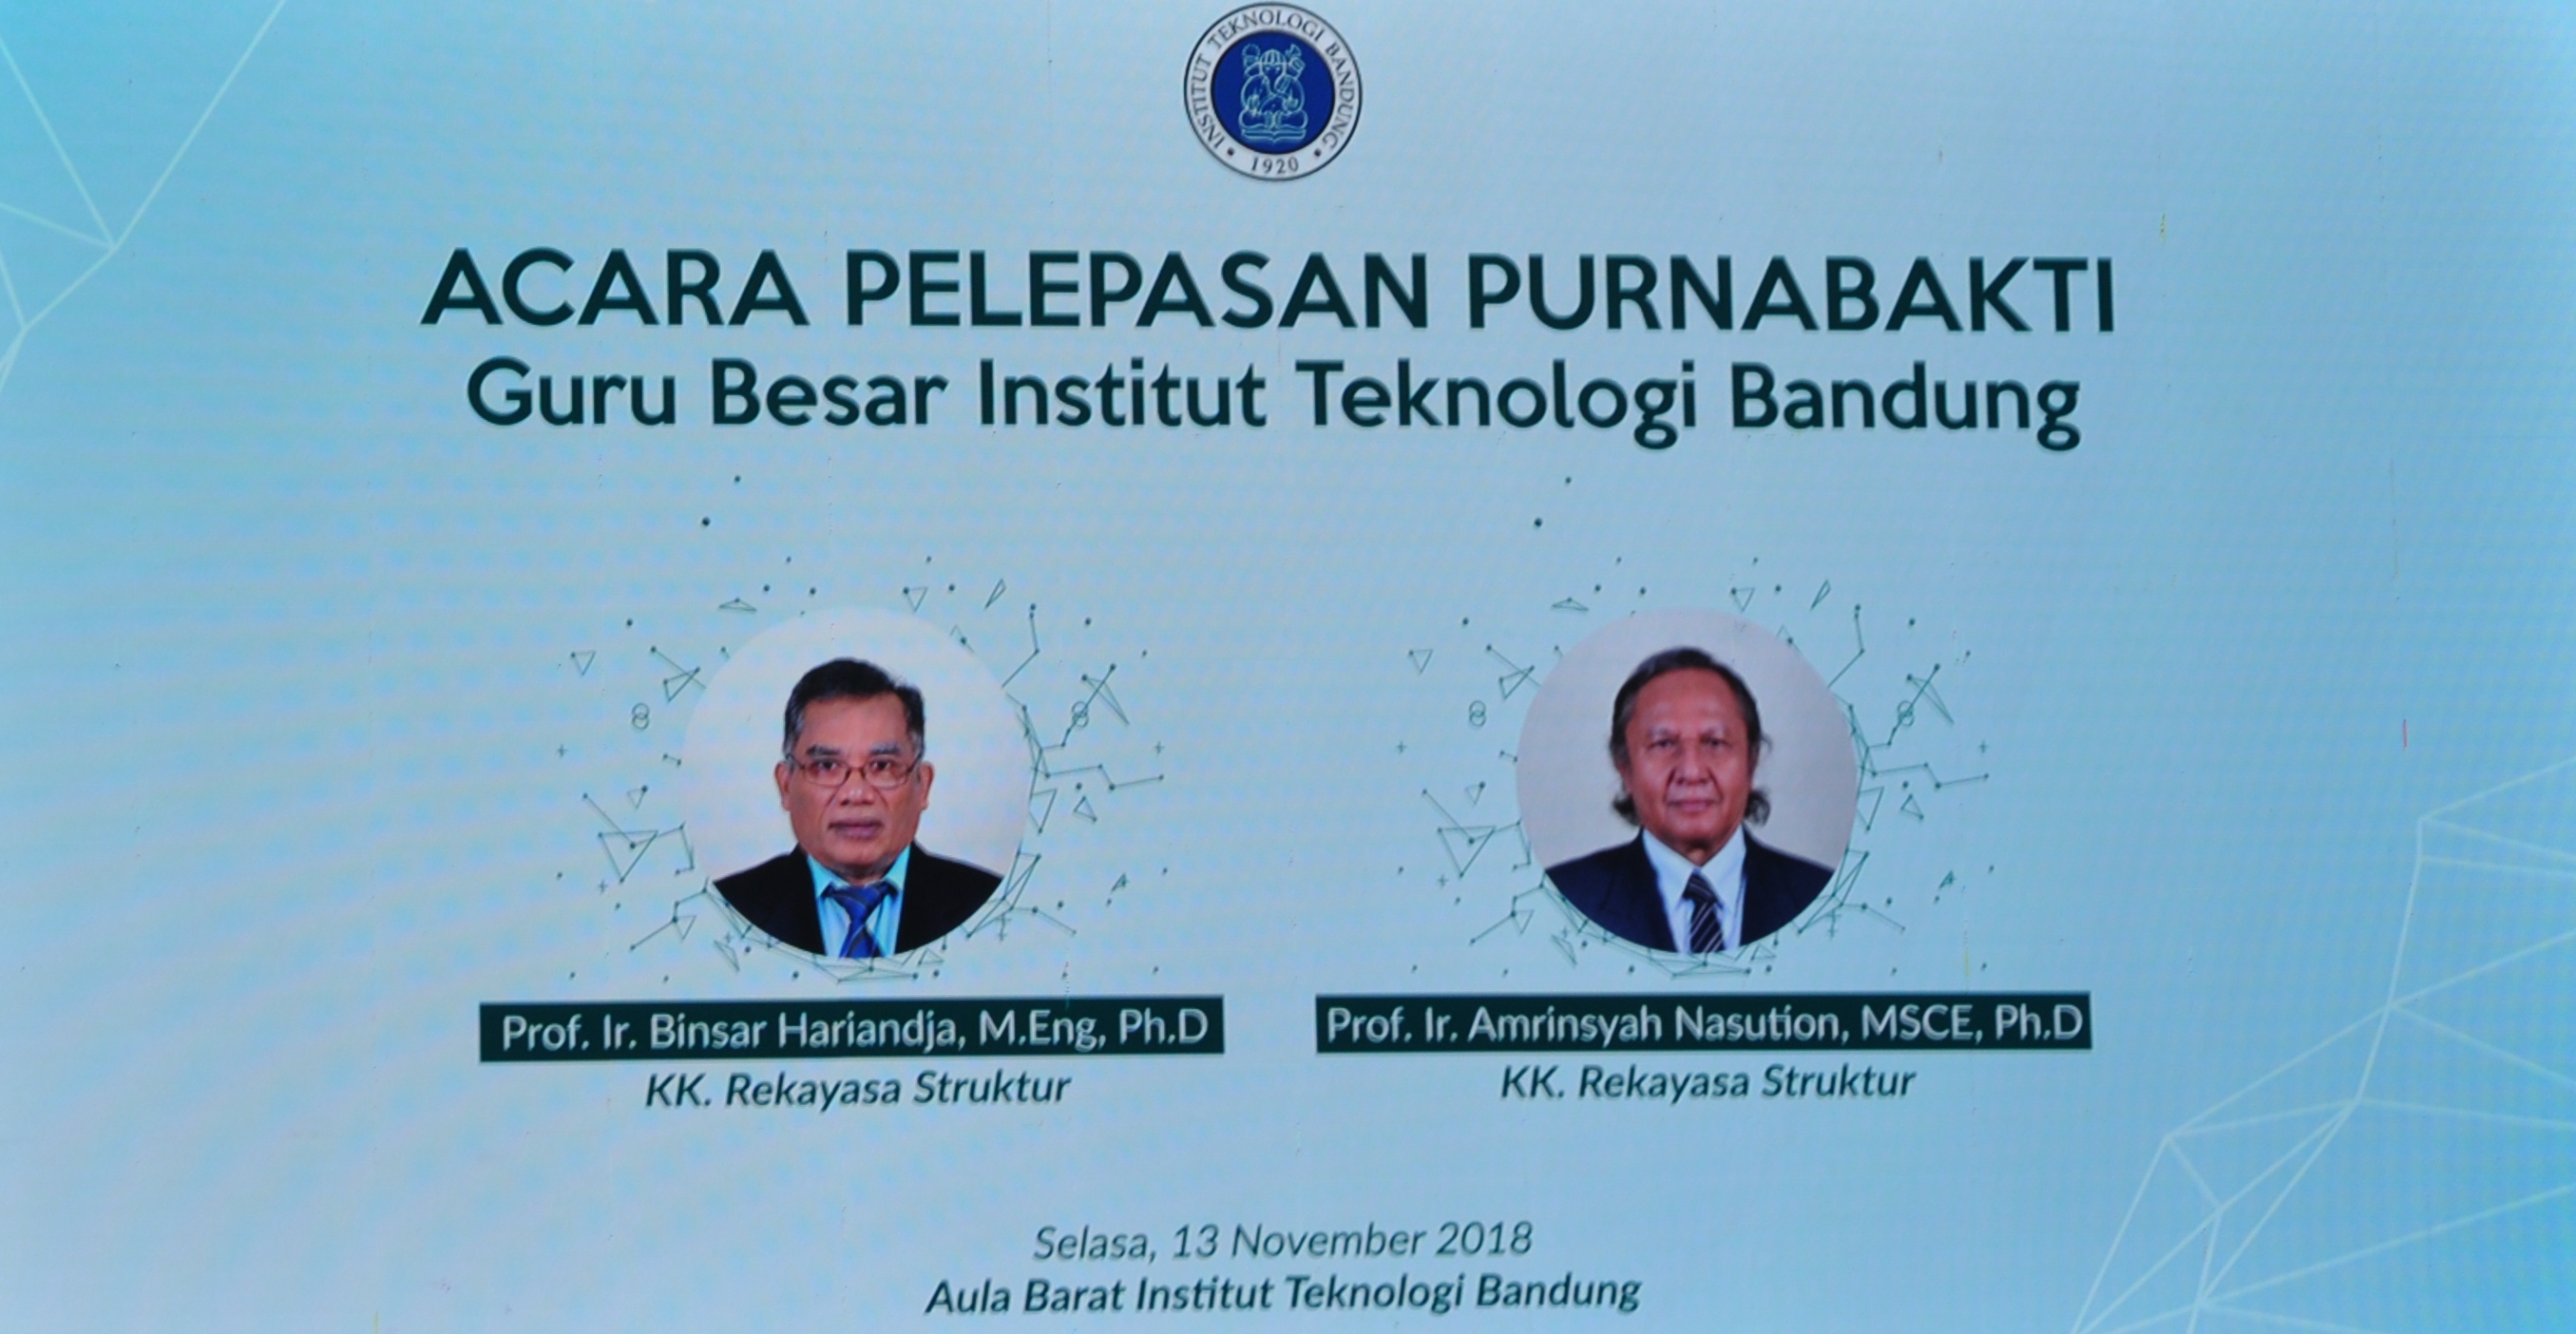 Pelepasan Purnabakti Prof. Ir. Binsar Hariandja, M.Eng., Ph.D. dan Prof. Ir. Amrinsjah Nasution, MSCE, Ph.D.